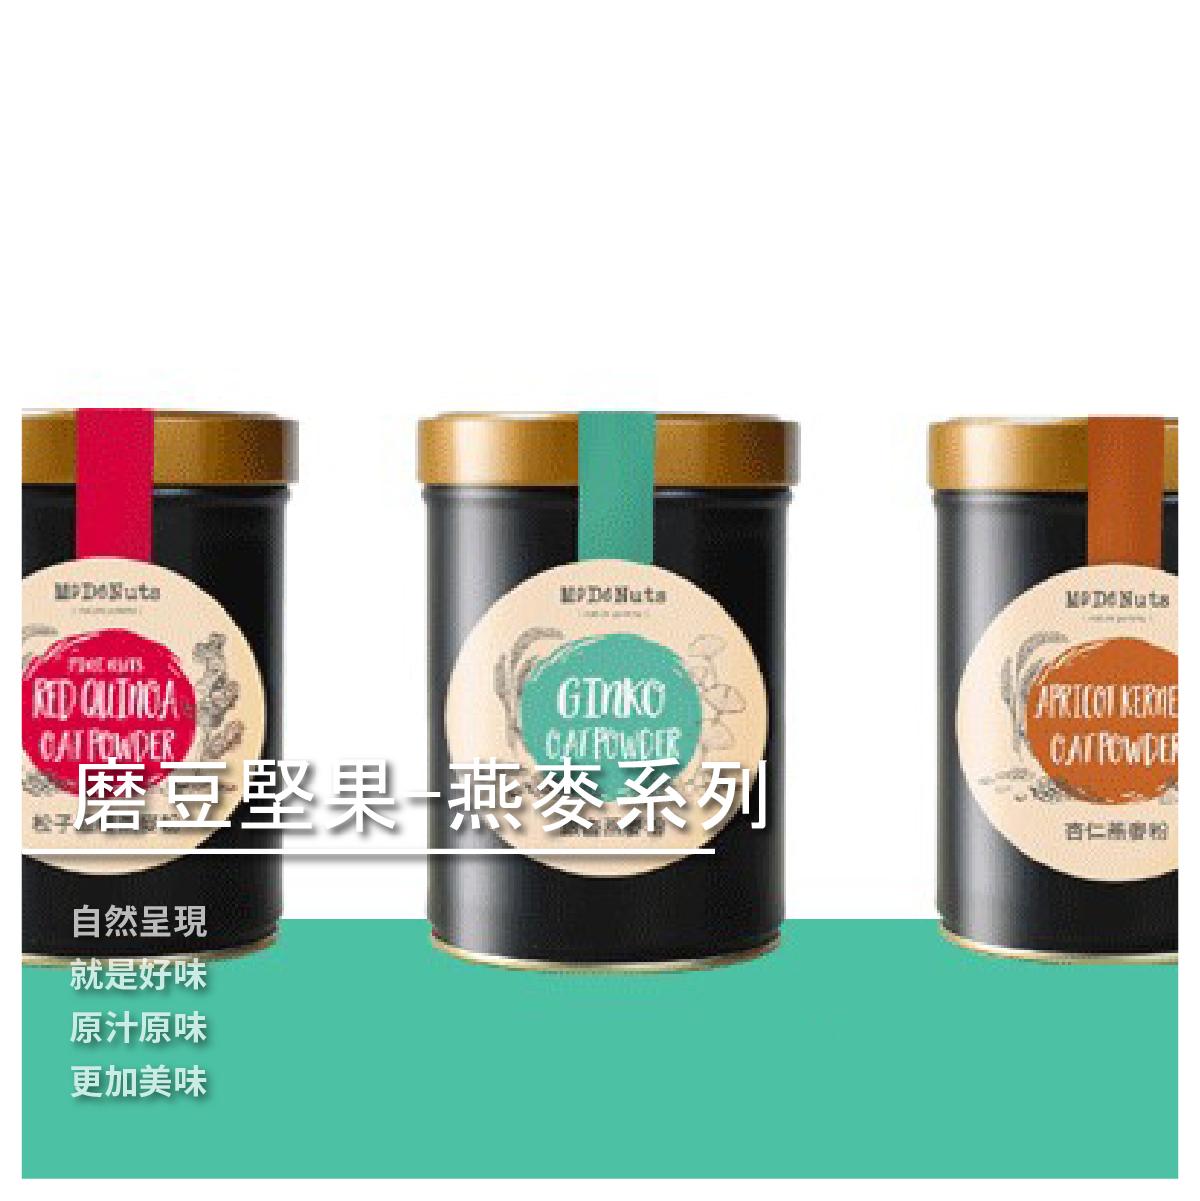 【茗磨坊磨豆】磨豆堅果-燕麥系列 杏仁/松子紅藜/銀杏